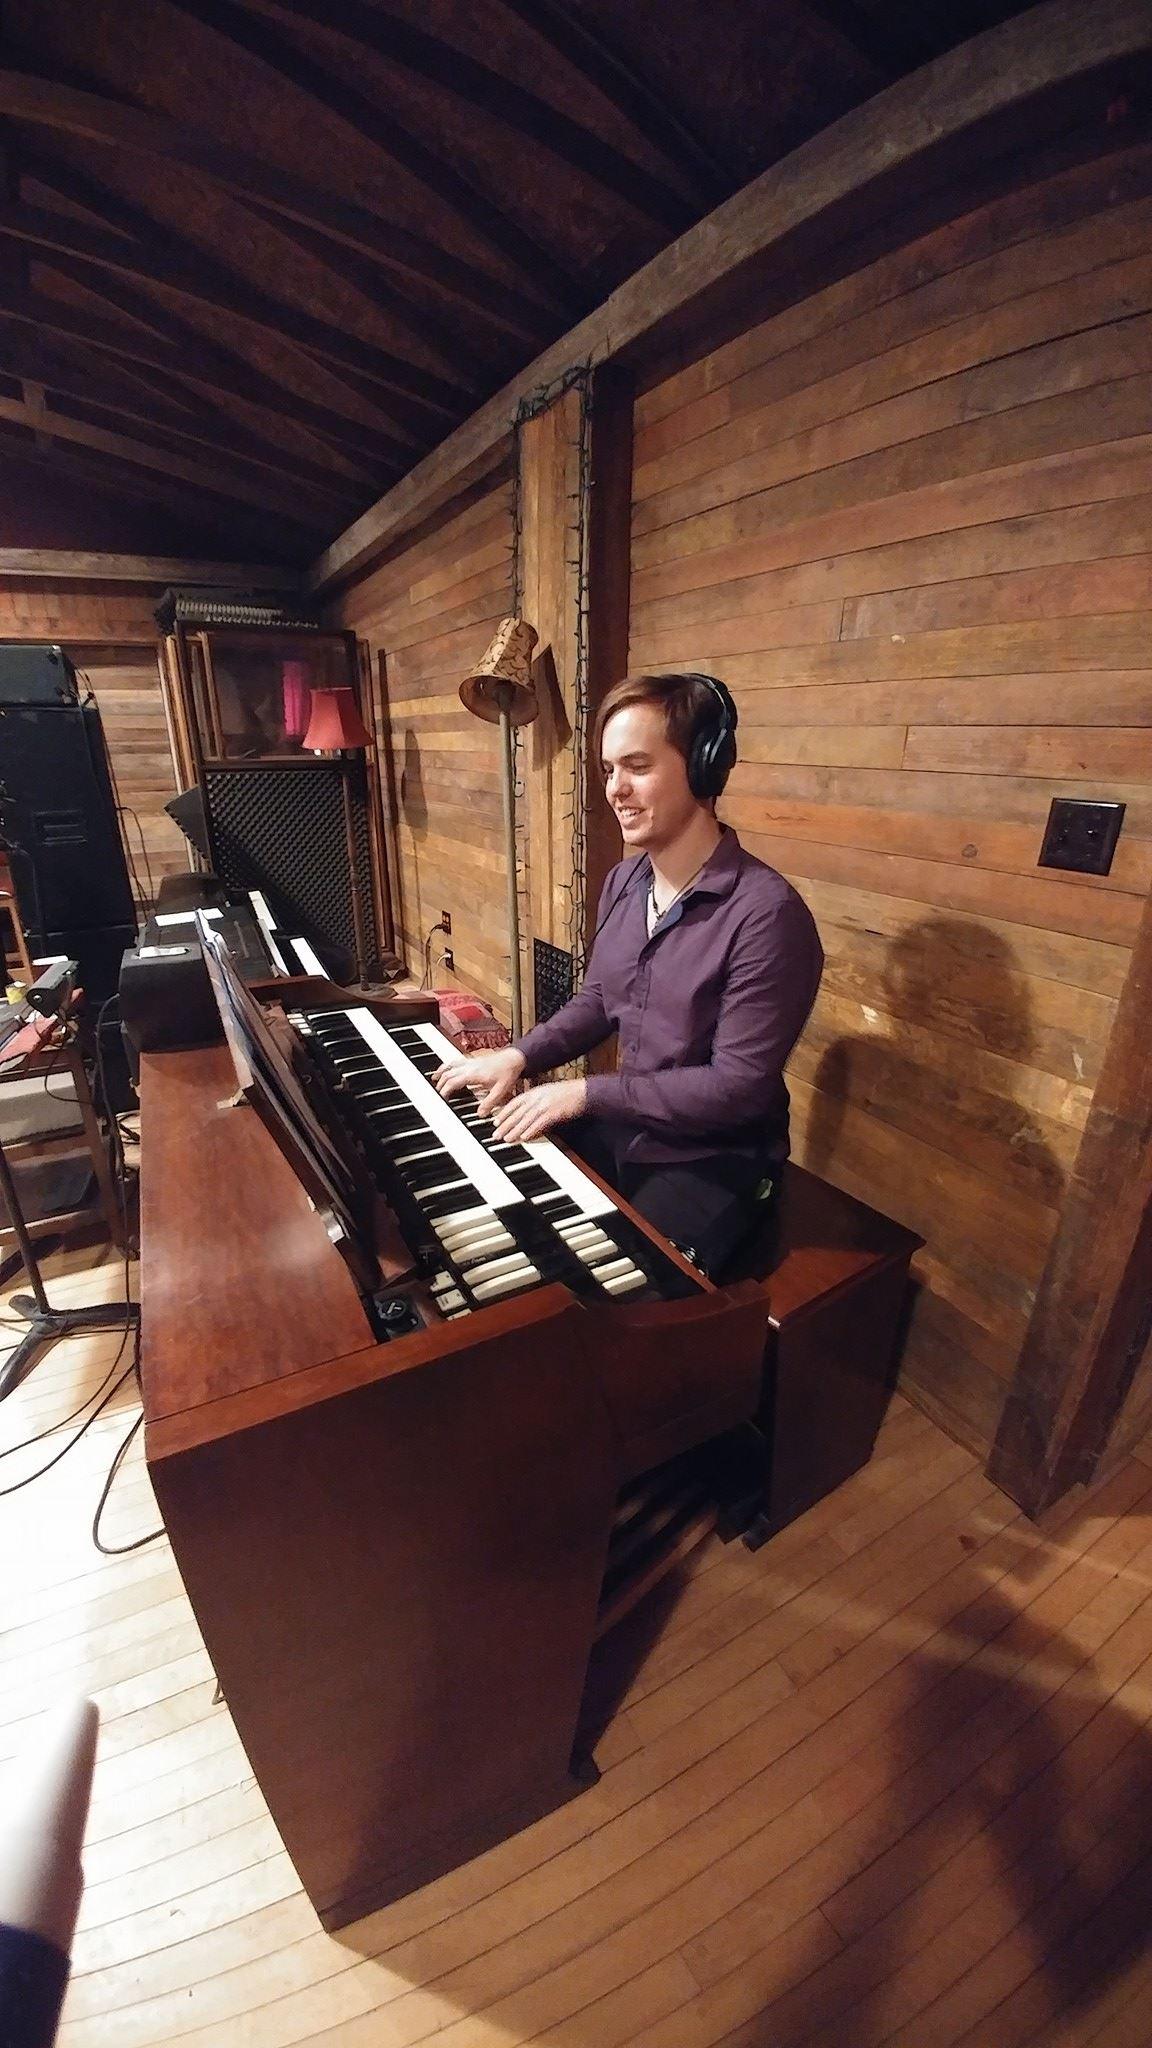 Porter on organ.jpg